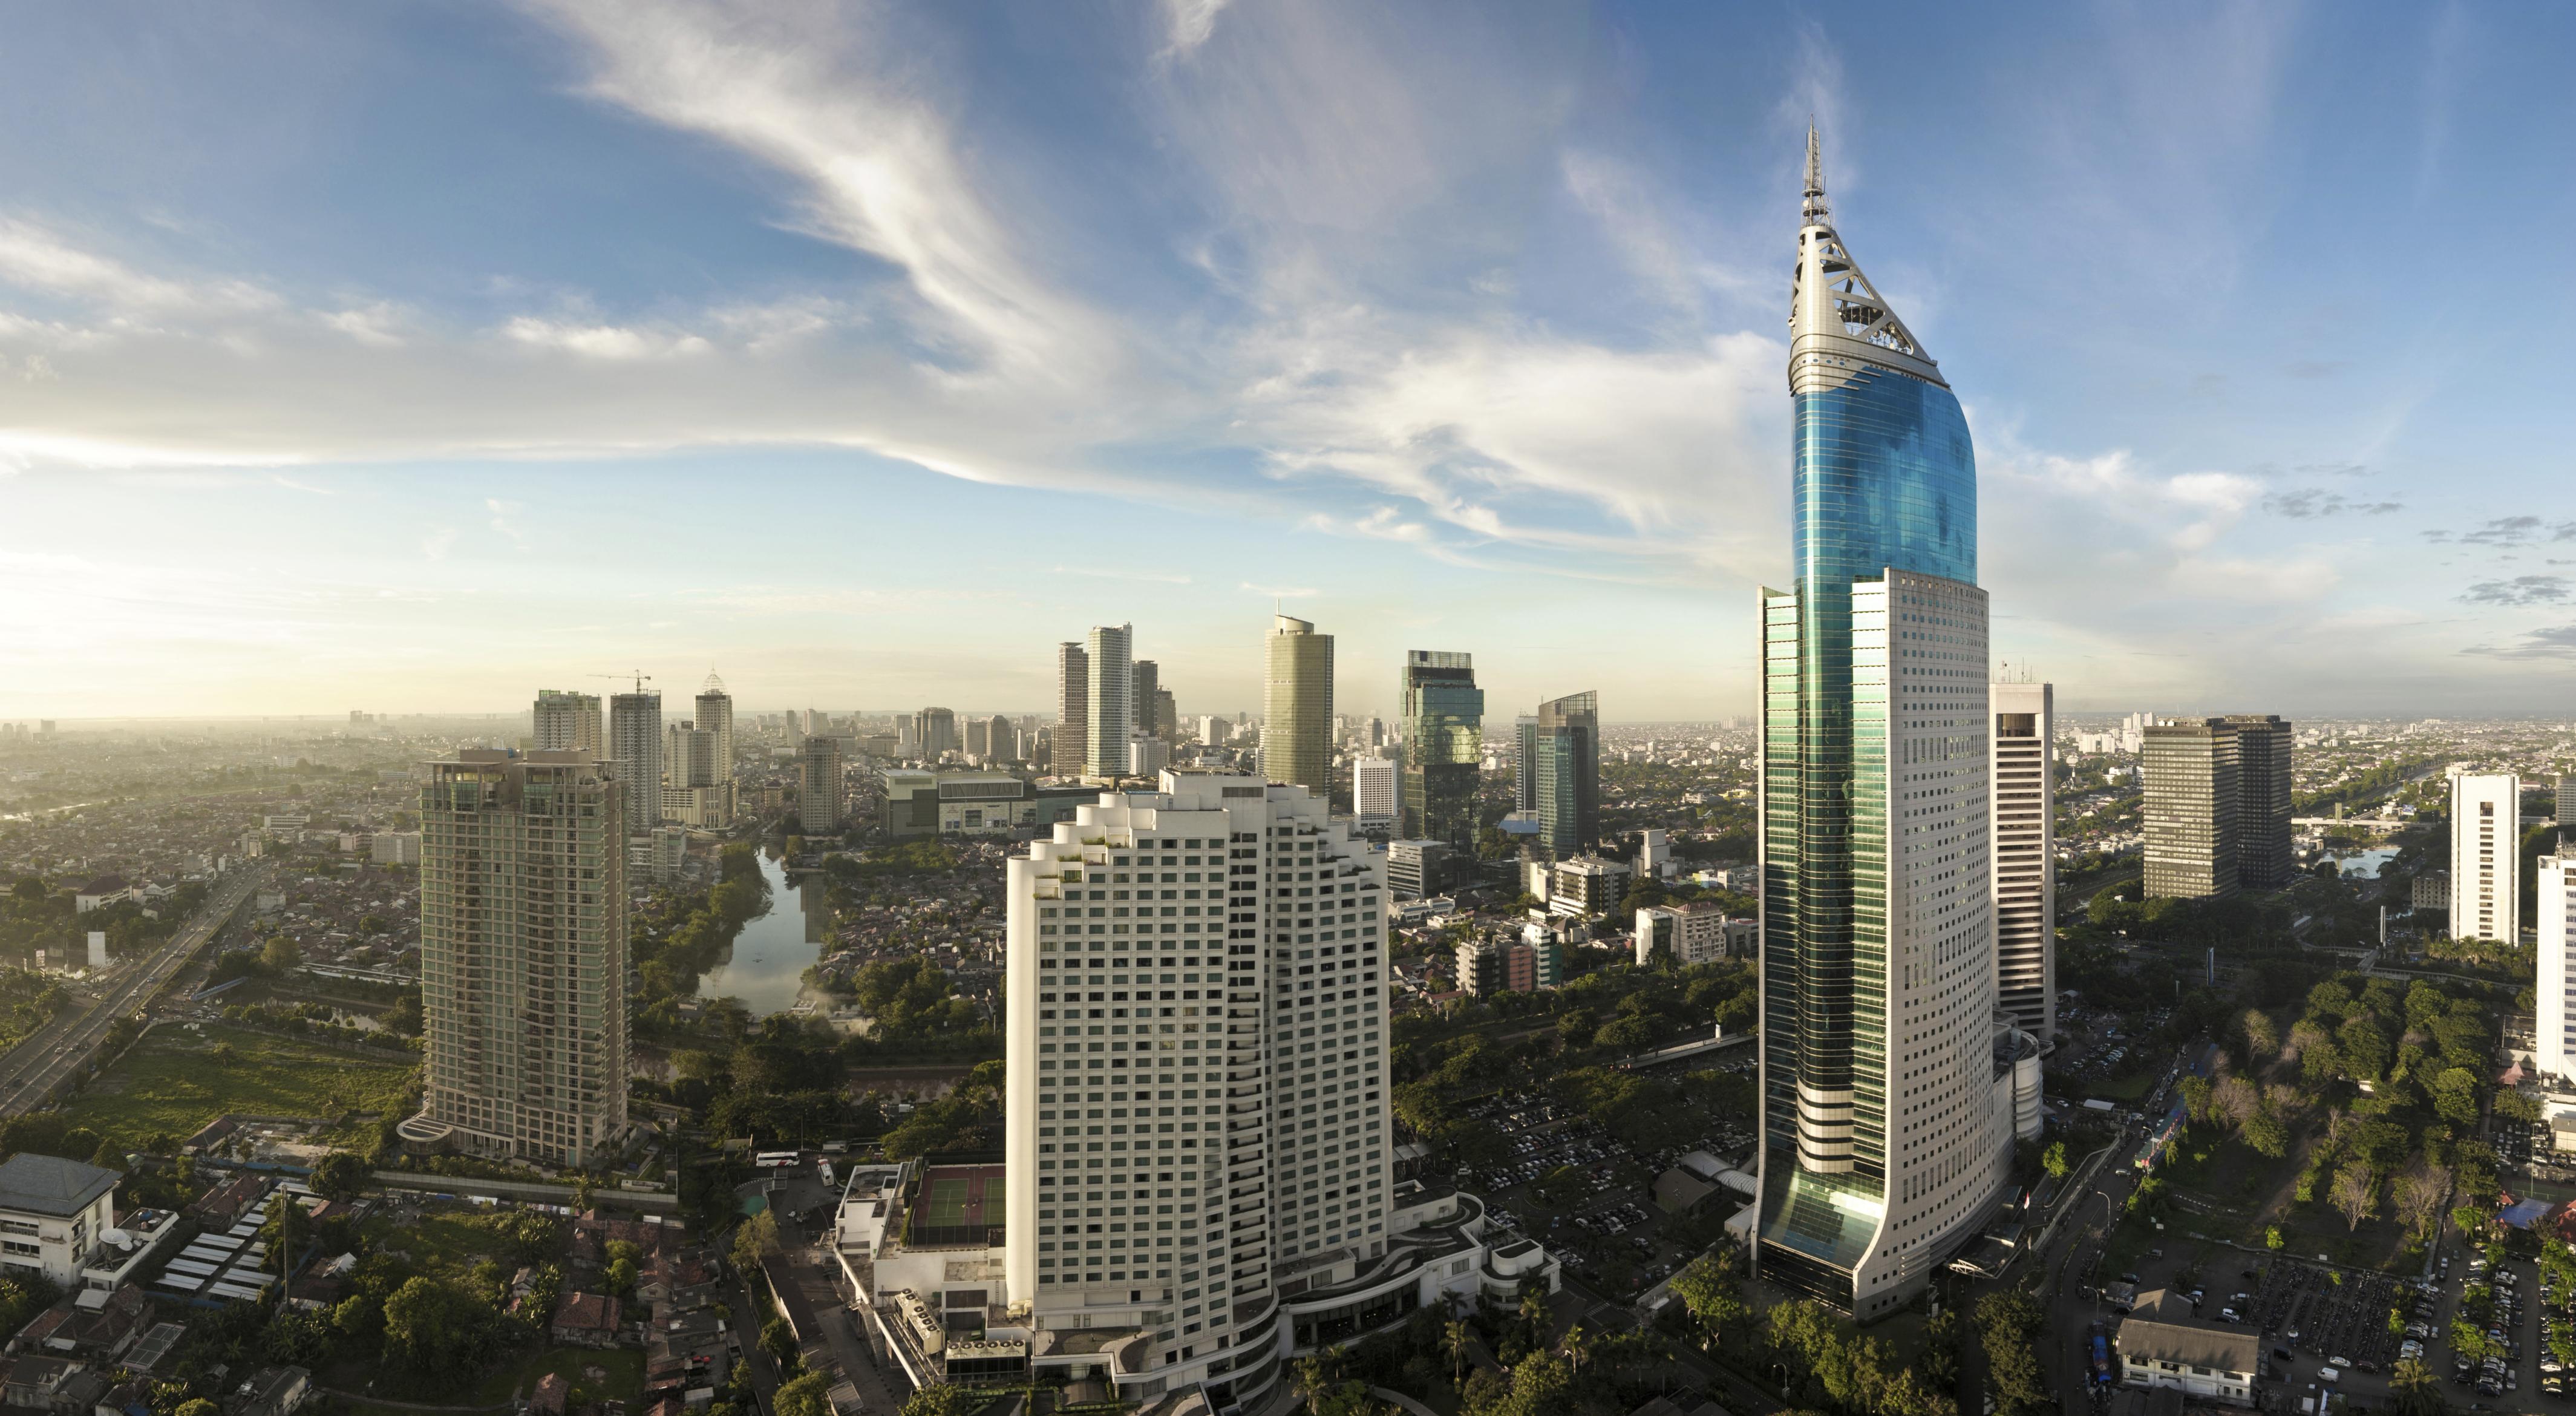 رحلات اليوم الواحد من جاكرتا اندونيسيا